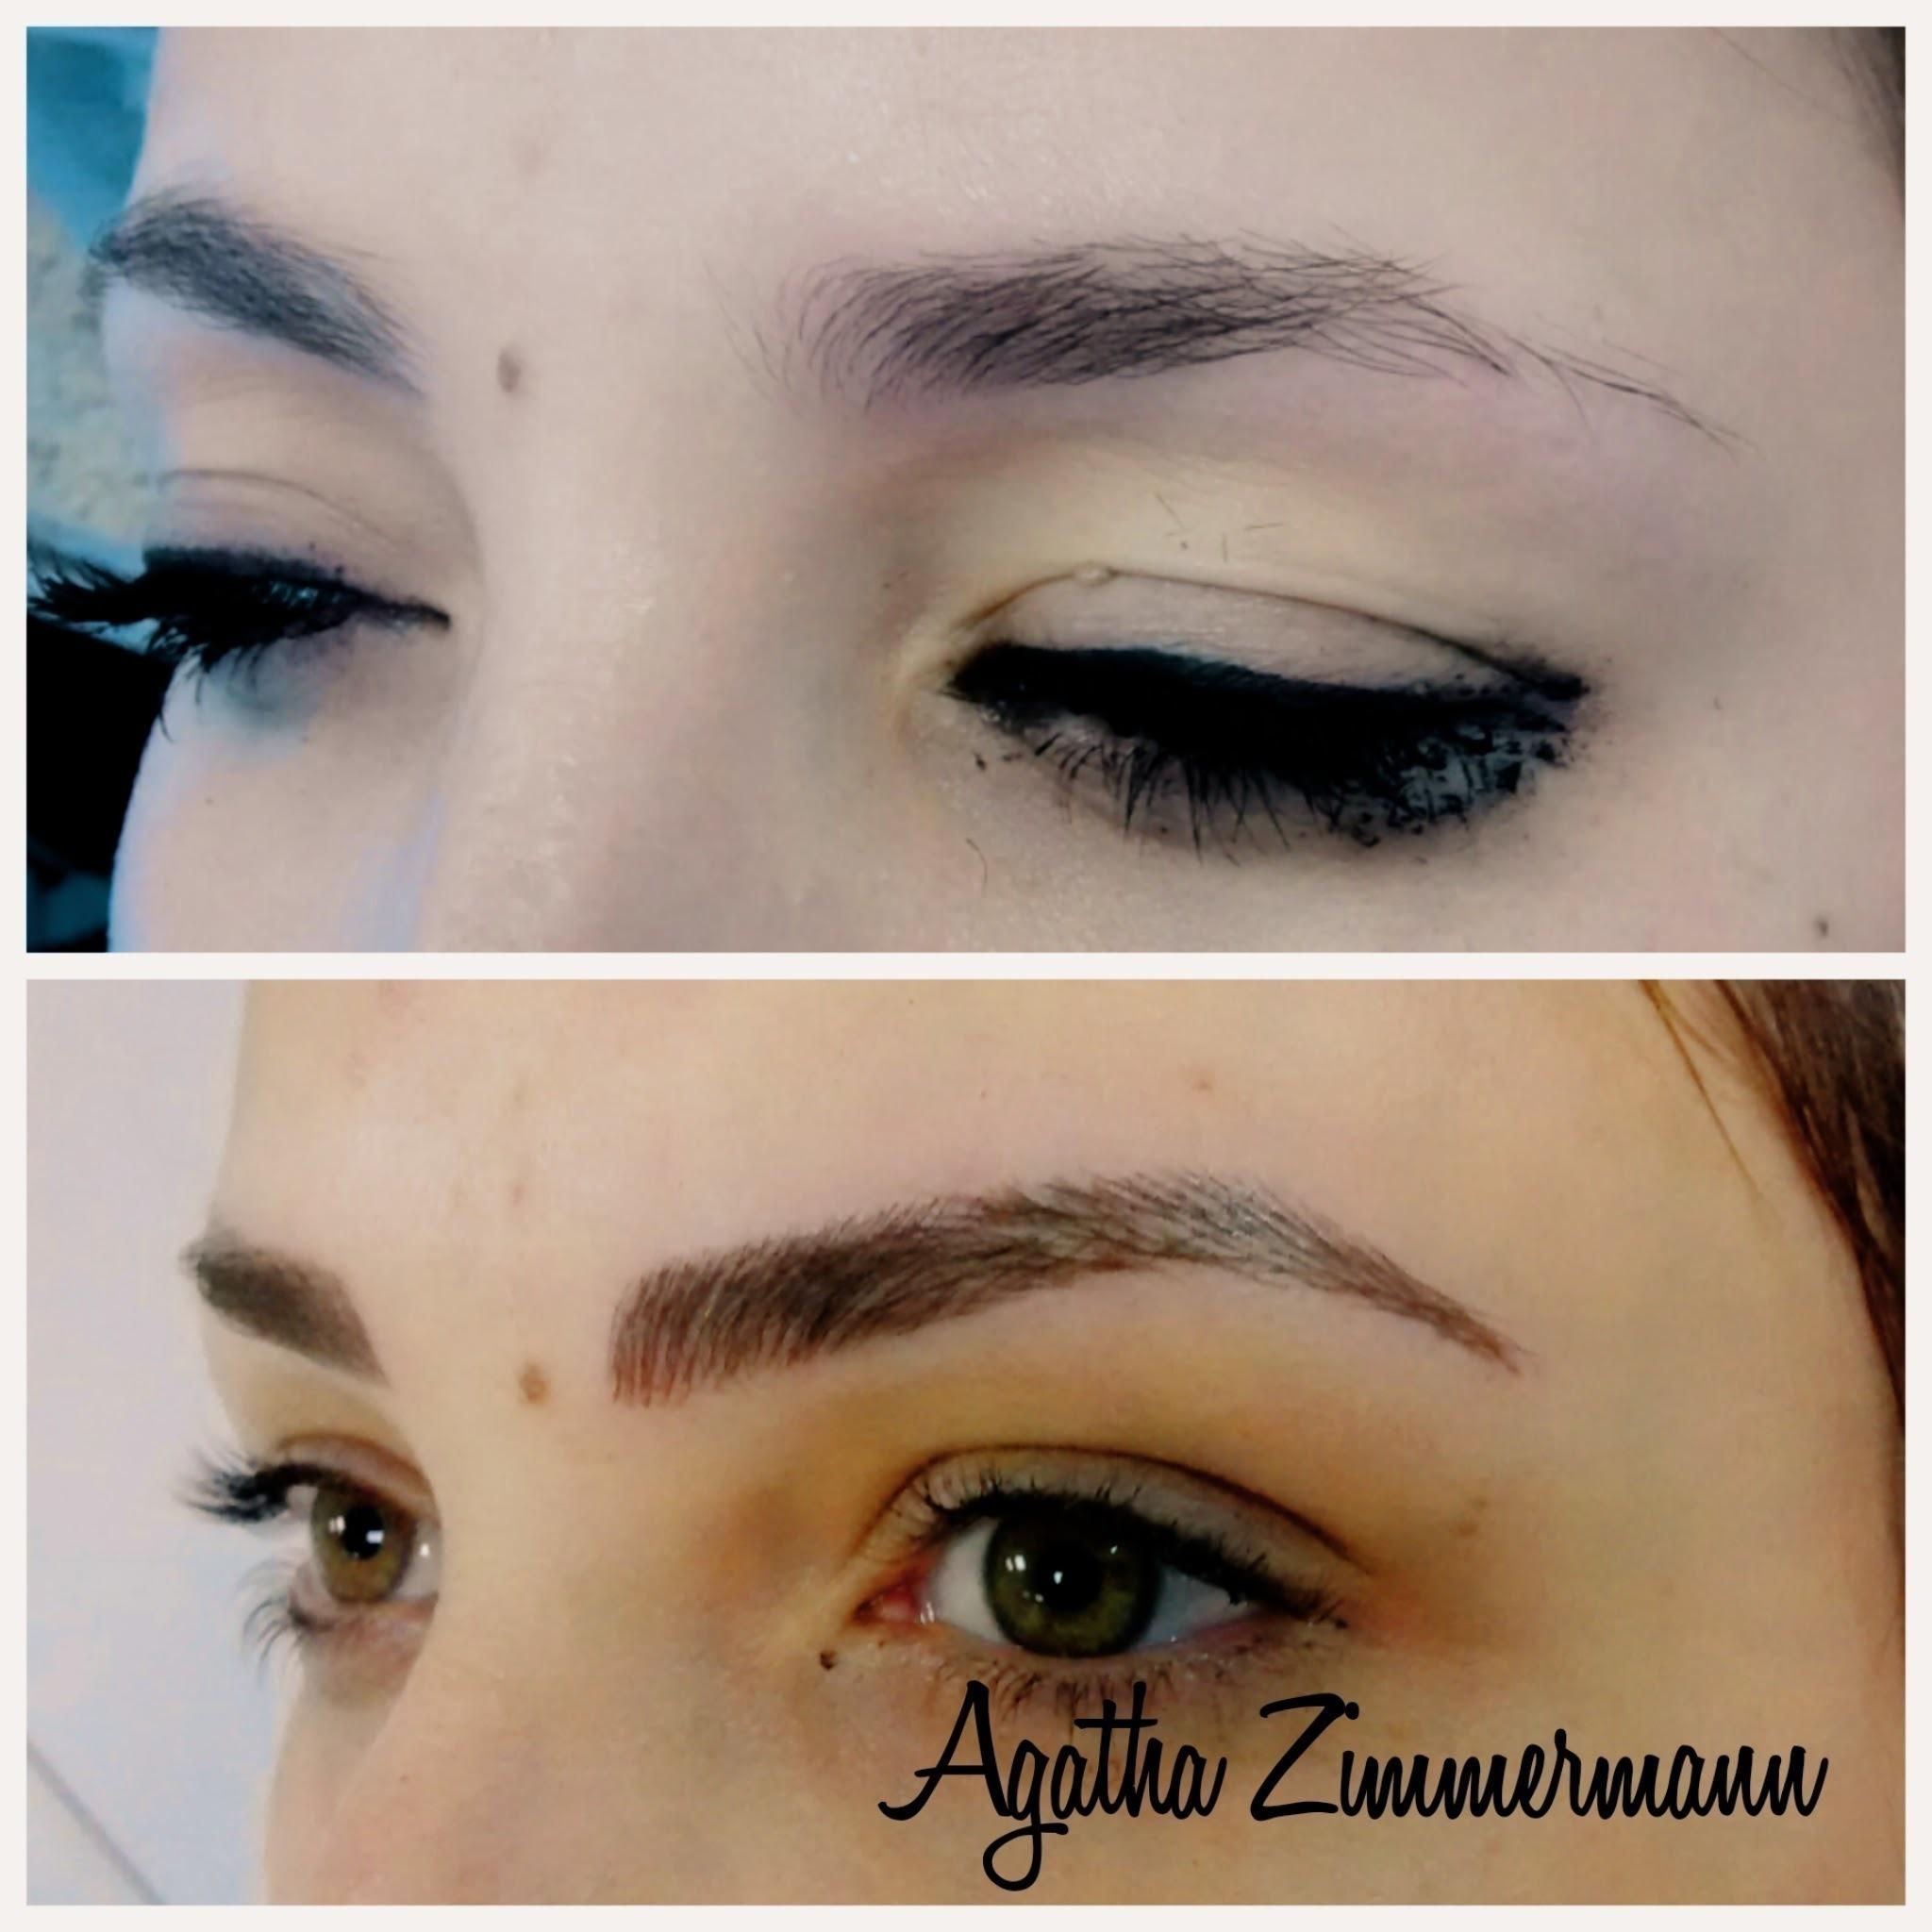 #microblading#antesedepois estética micropigmentador(a) maquiador(a) designer de sobrancelhas